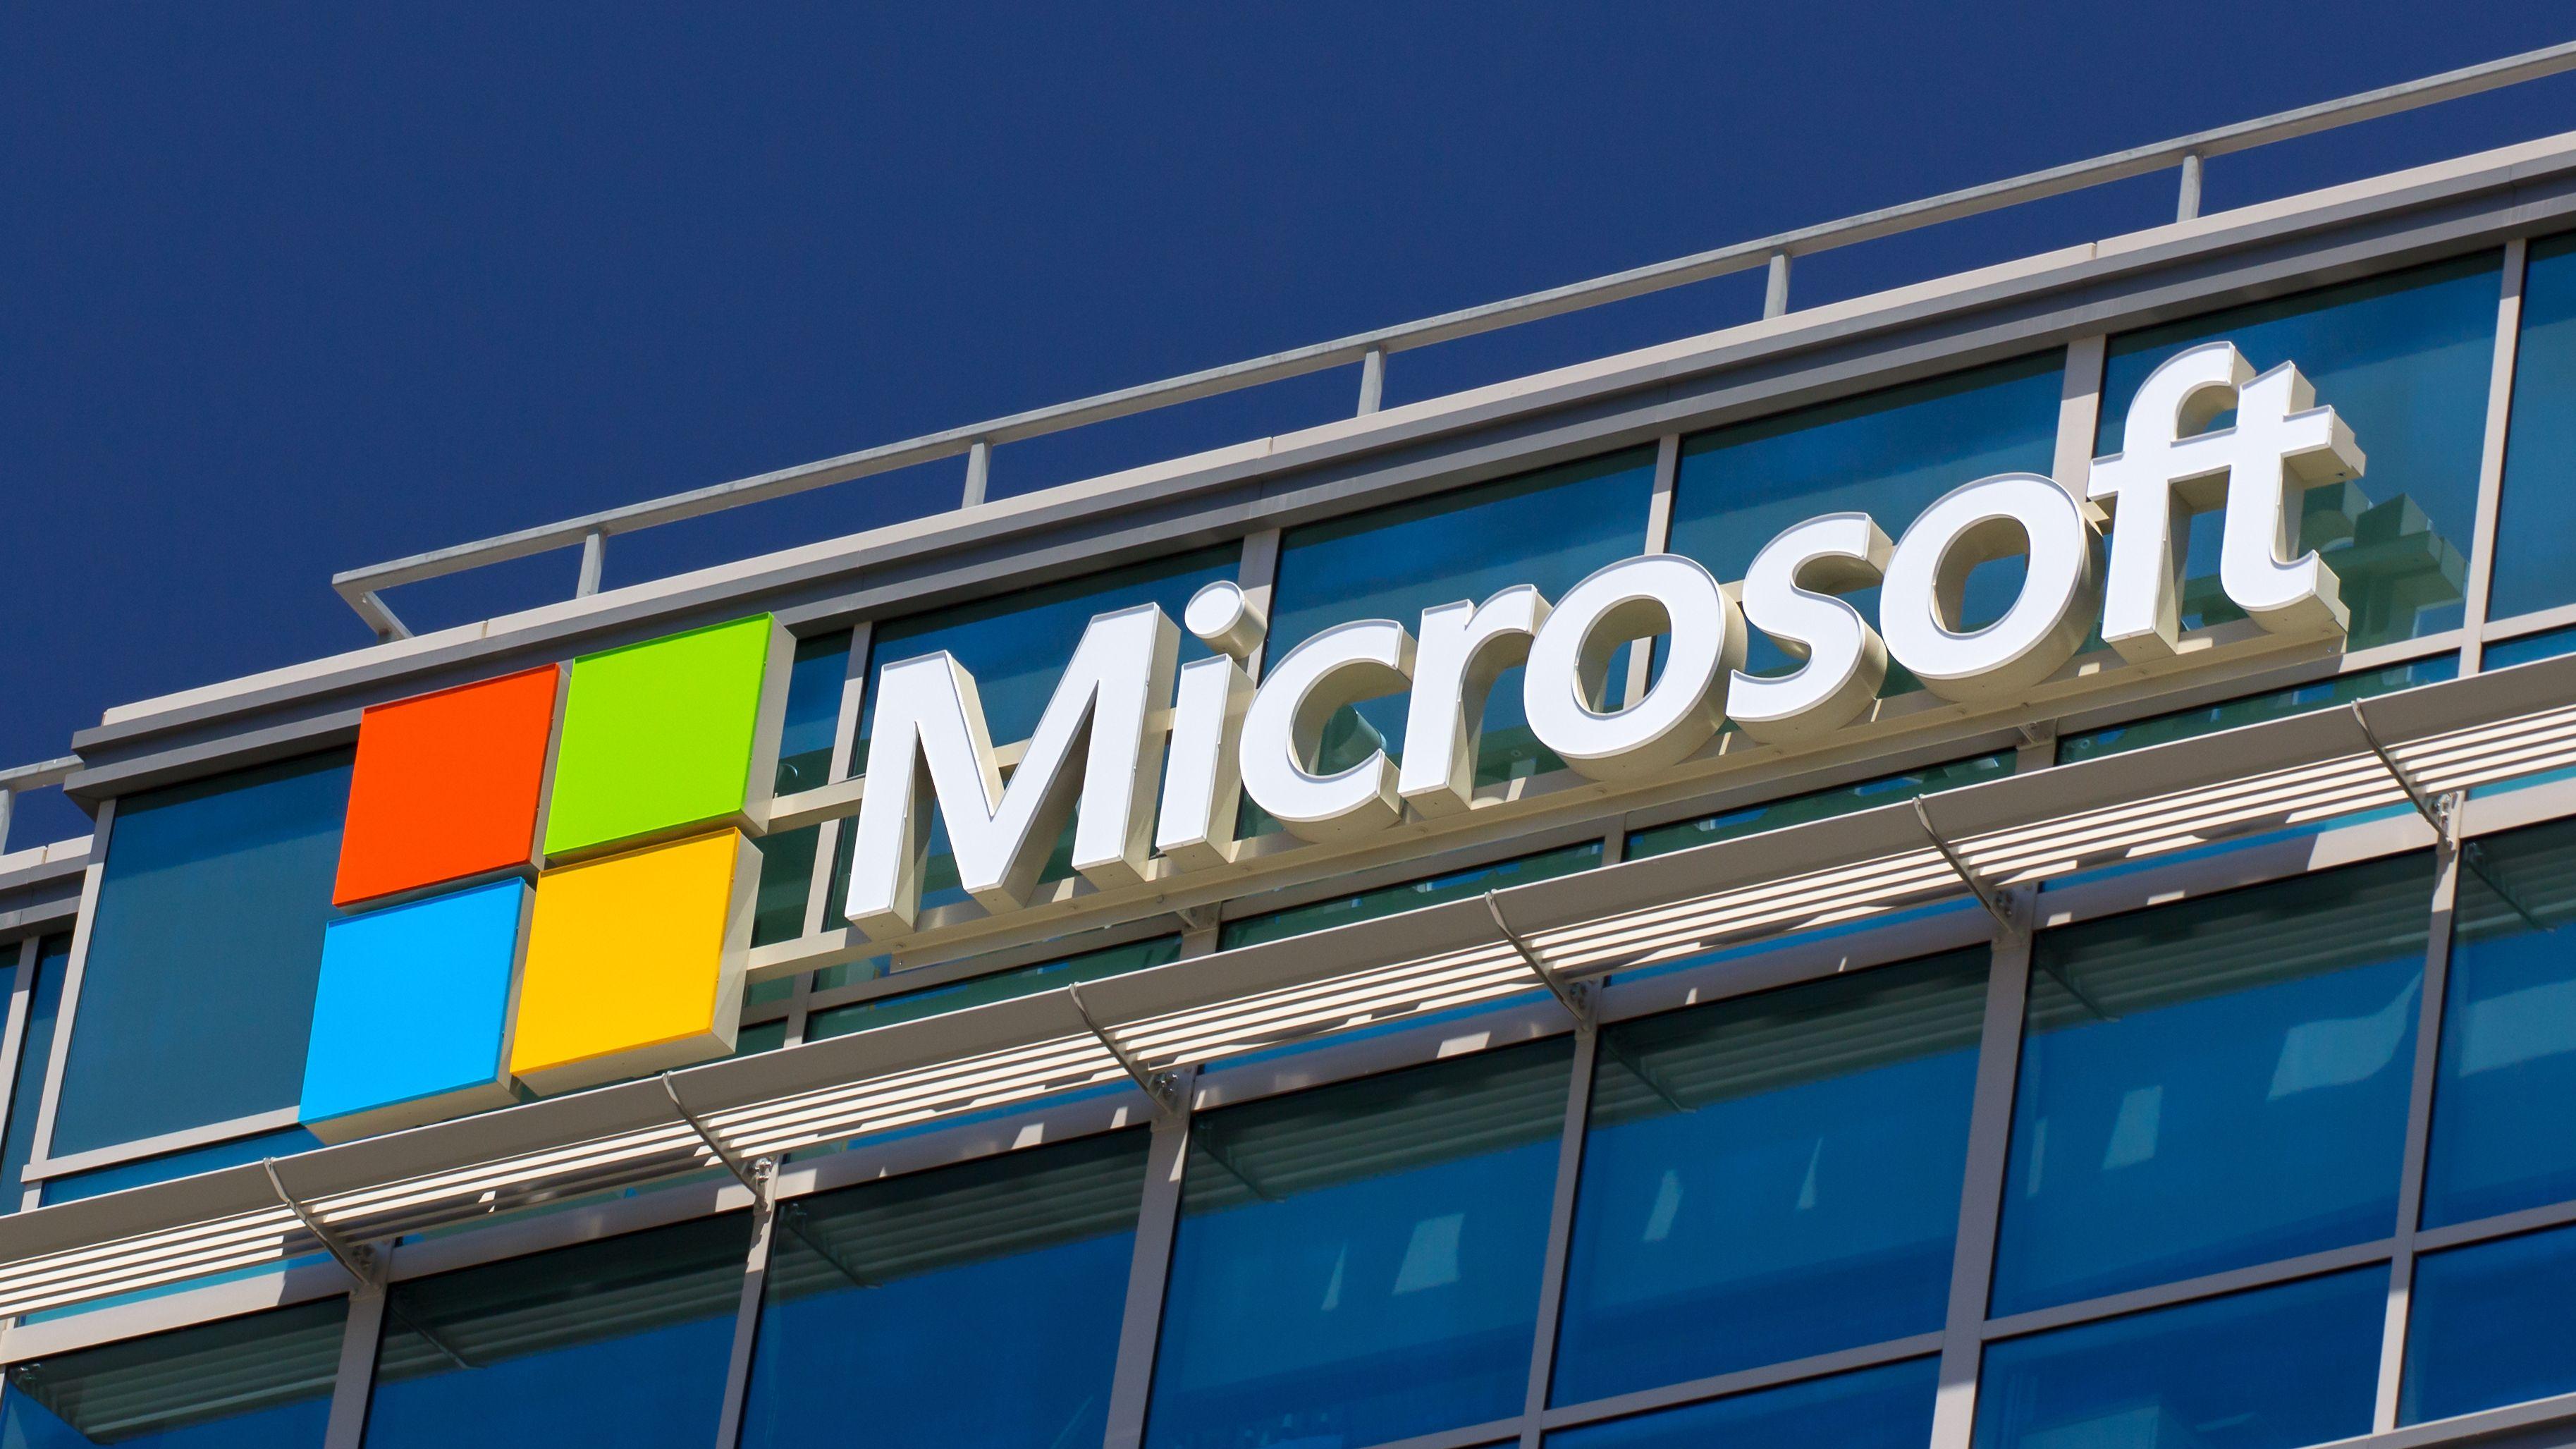 Microsoft med hard kritikk av Google for å ha offentliggjort sikkerhetsfeil